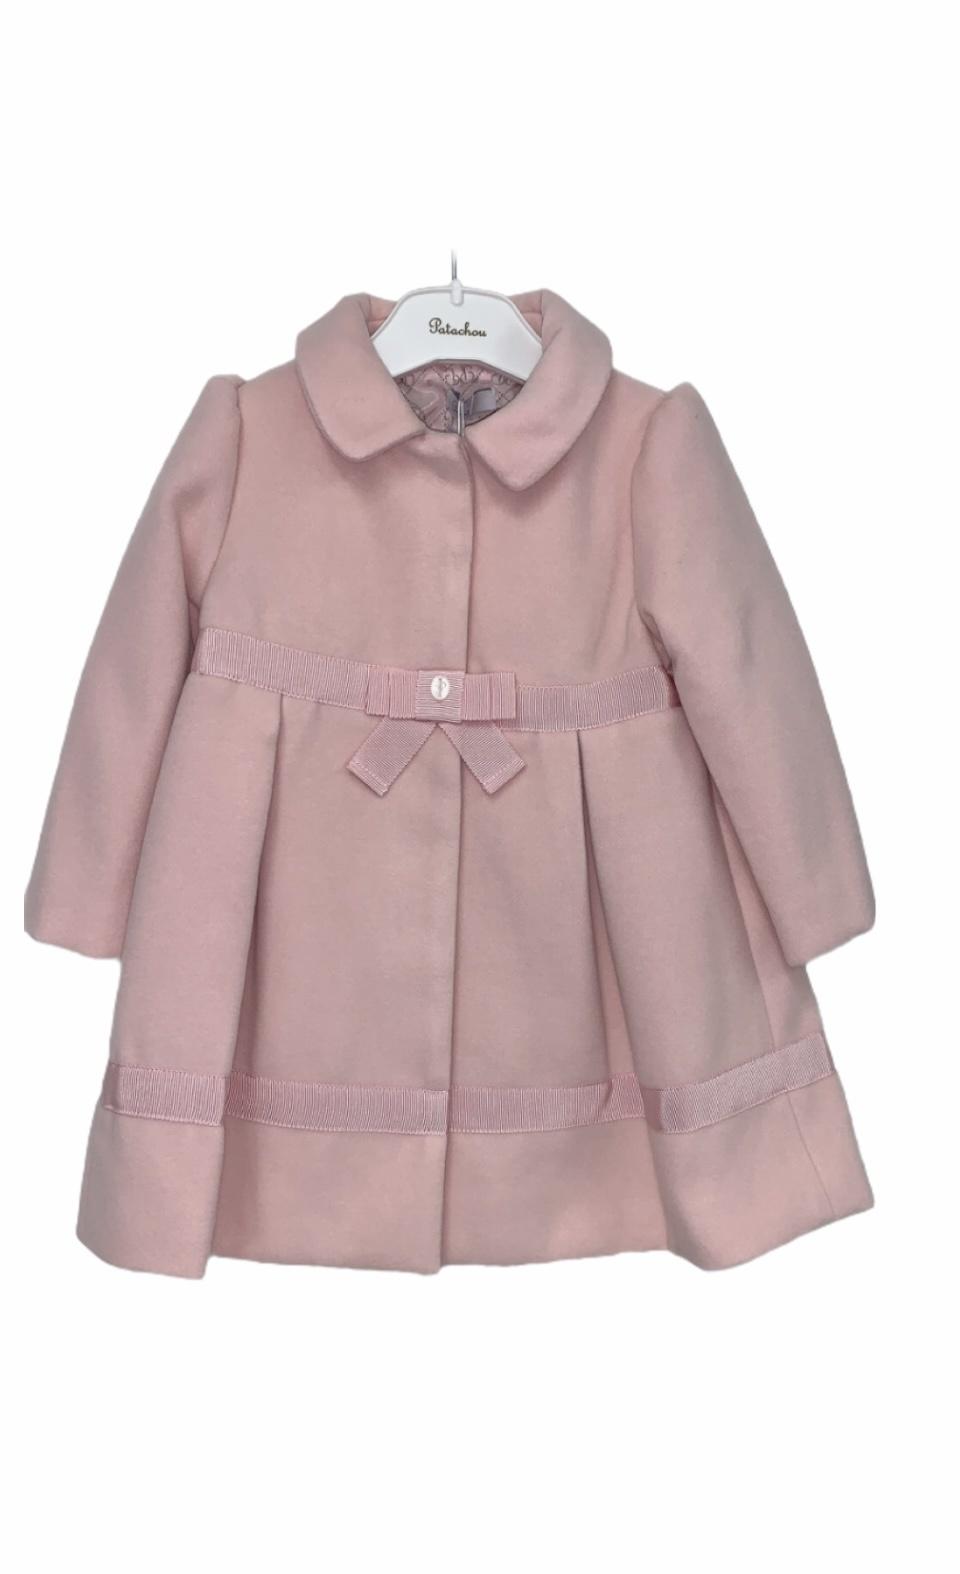 Patachou Patachou Girls Coat - 3230 AW21